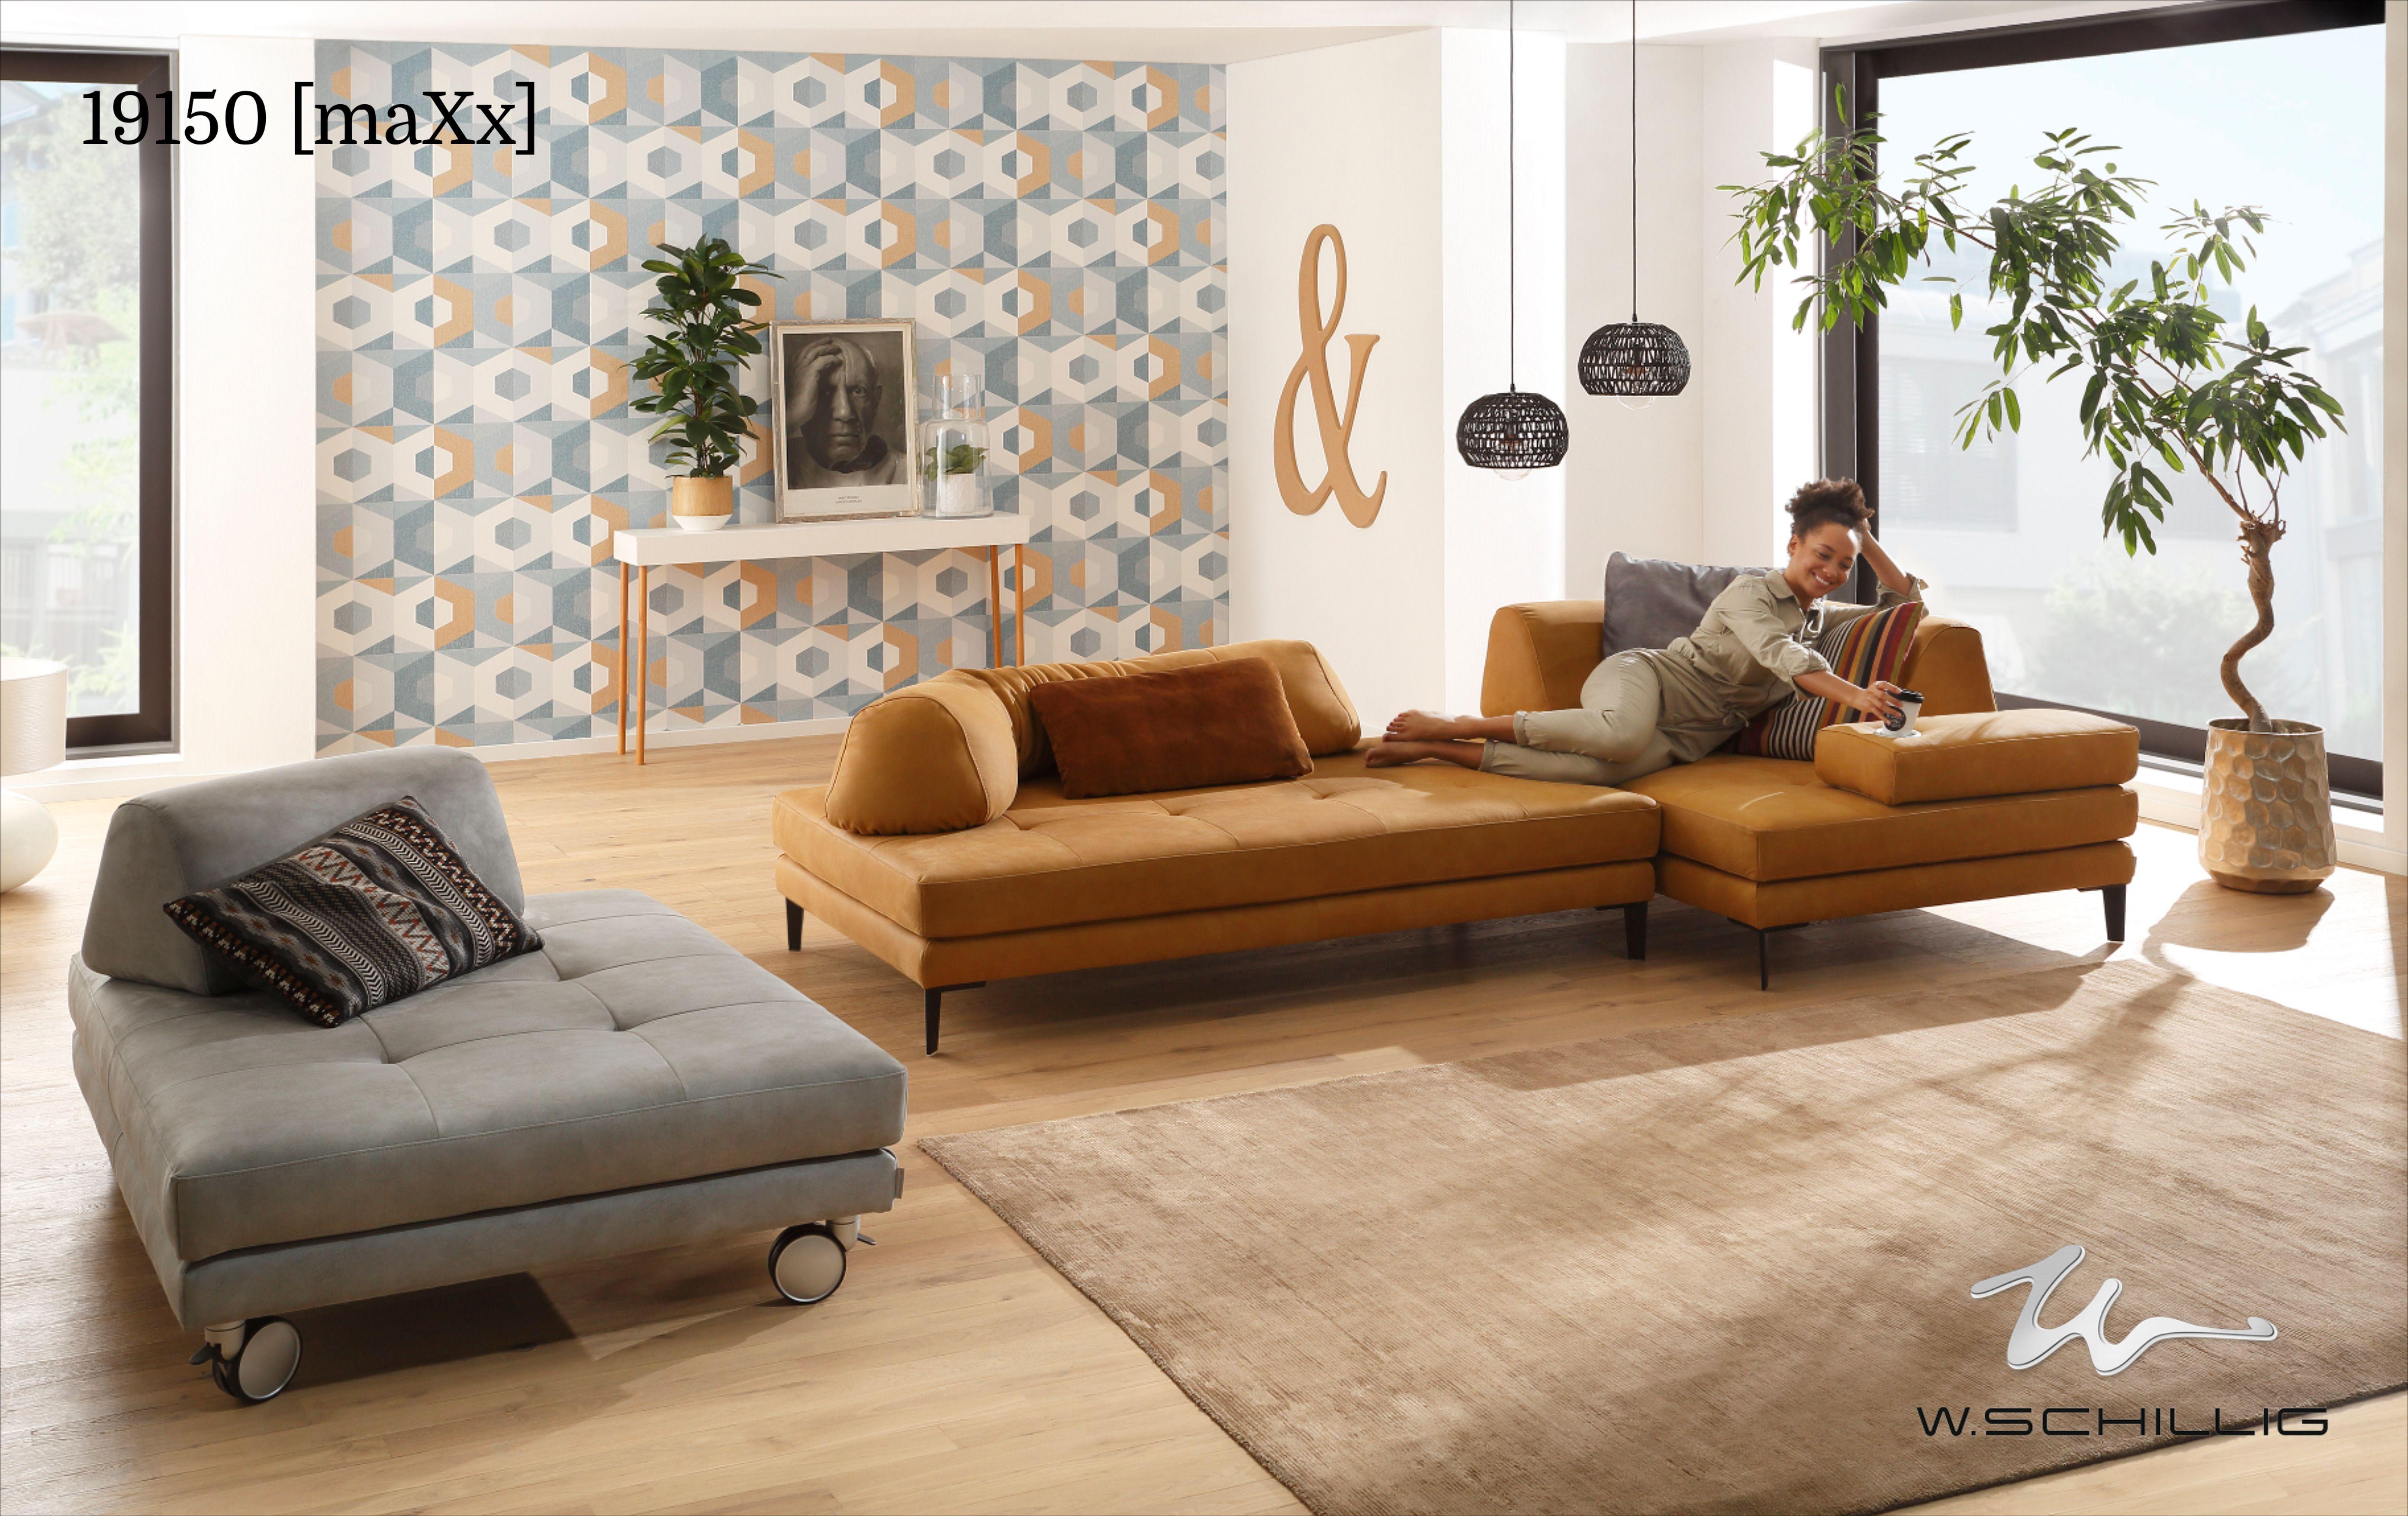 W Schillig Sofa Wohnzimmerideen Wohnlandschaft Ecke In 2020 Wohnzimmer Ideen Sofa Wohnen